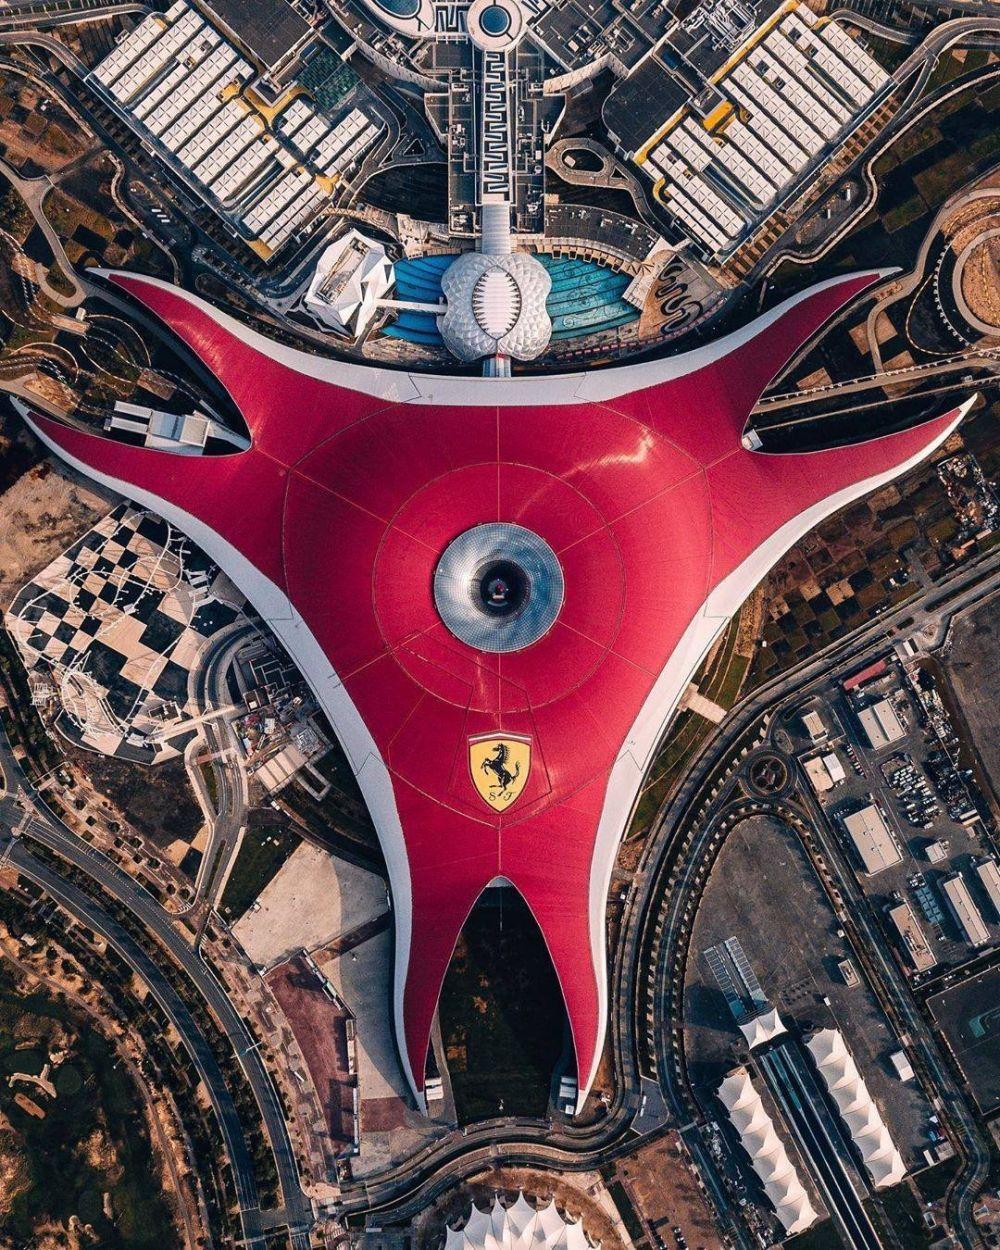 10 Tempat Wisata di Abu Dhabi yang Menarik dan Wajib Dikunjungi!